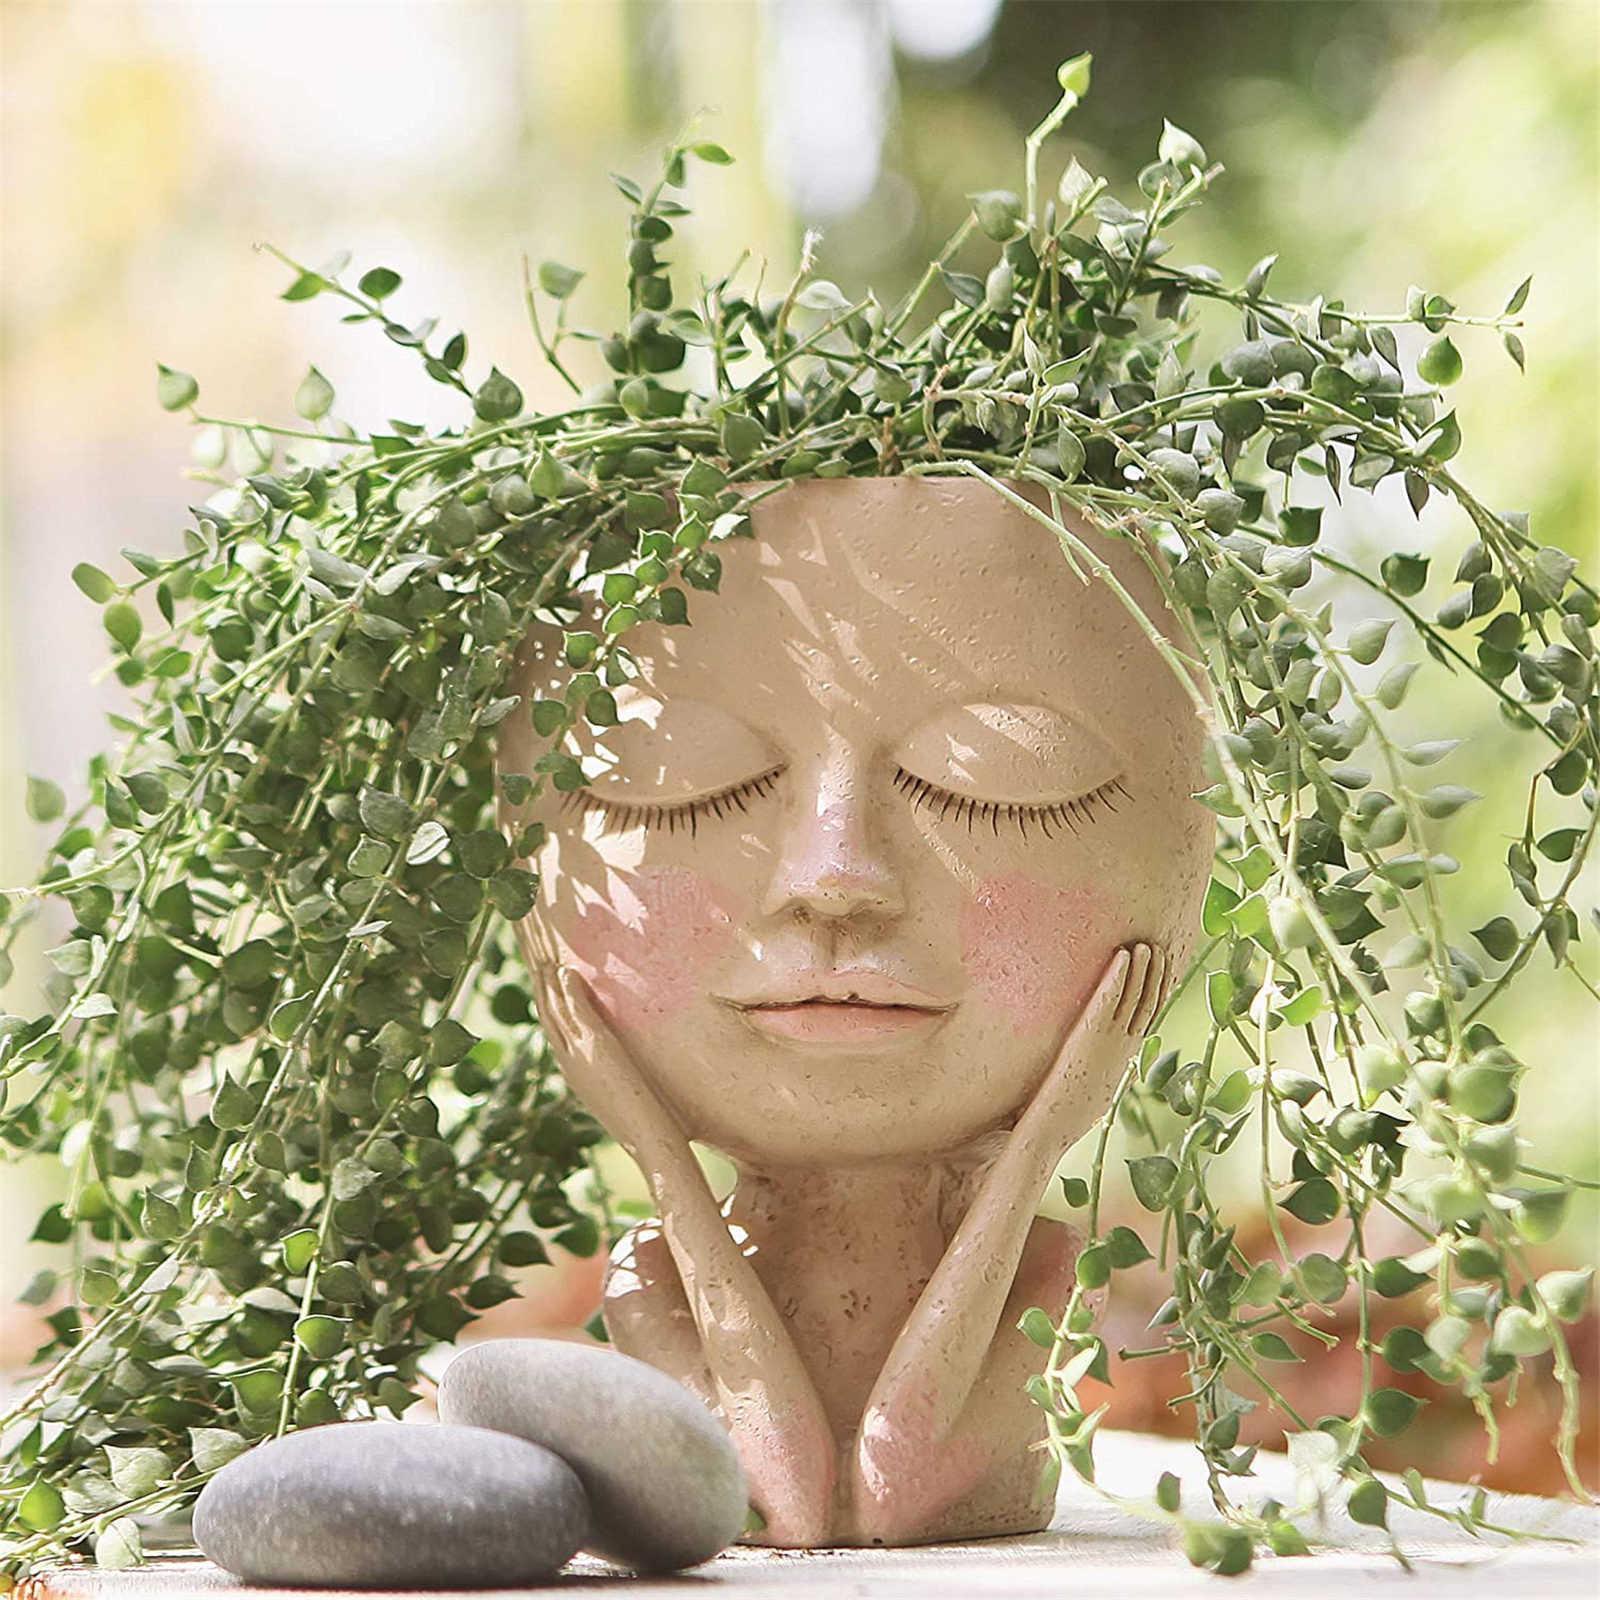 Girls visage visage plante plante plante succulente plante fleur pot pot pot flowerpot figure décor nordique décor nordique ornement h5 210615